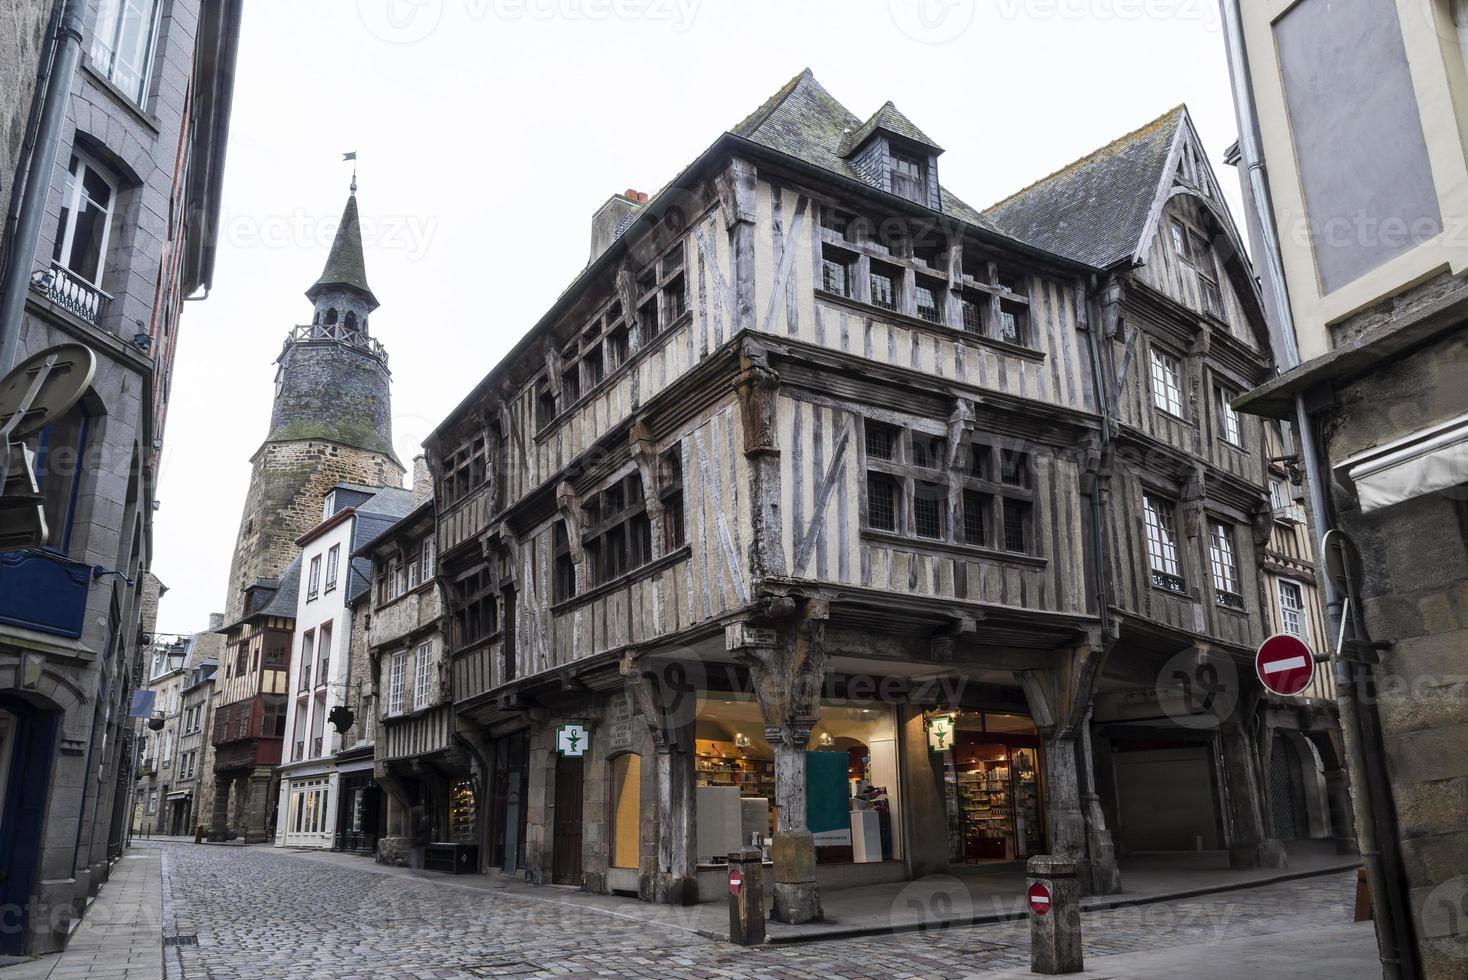 middeleeuwse constructies in Bretagne, Frankrijk foto